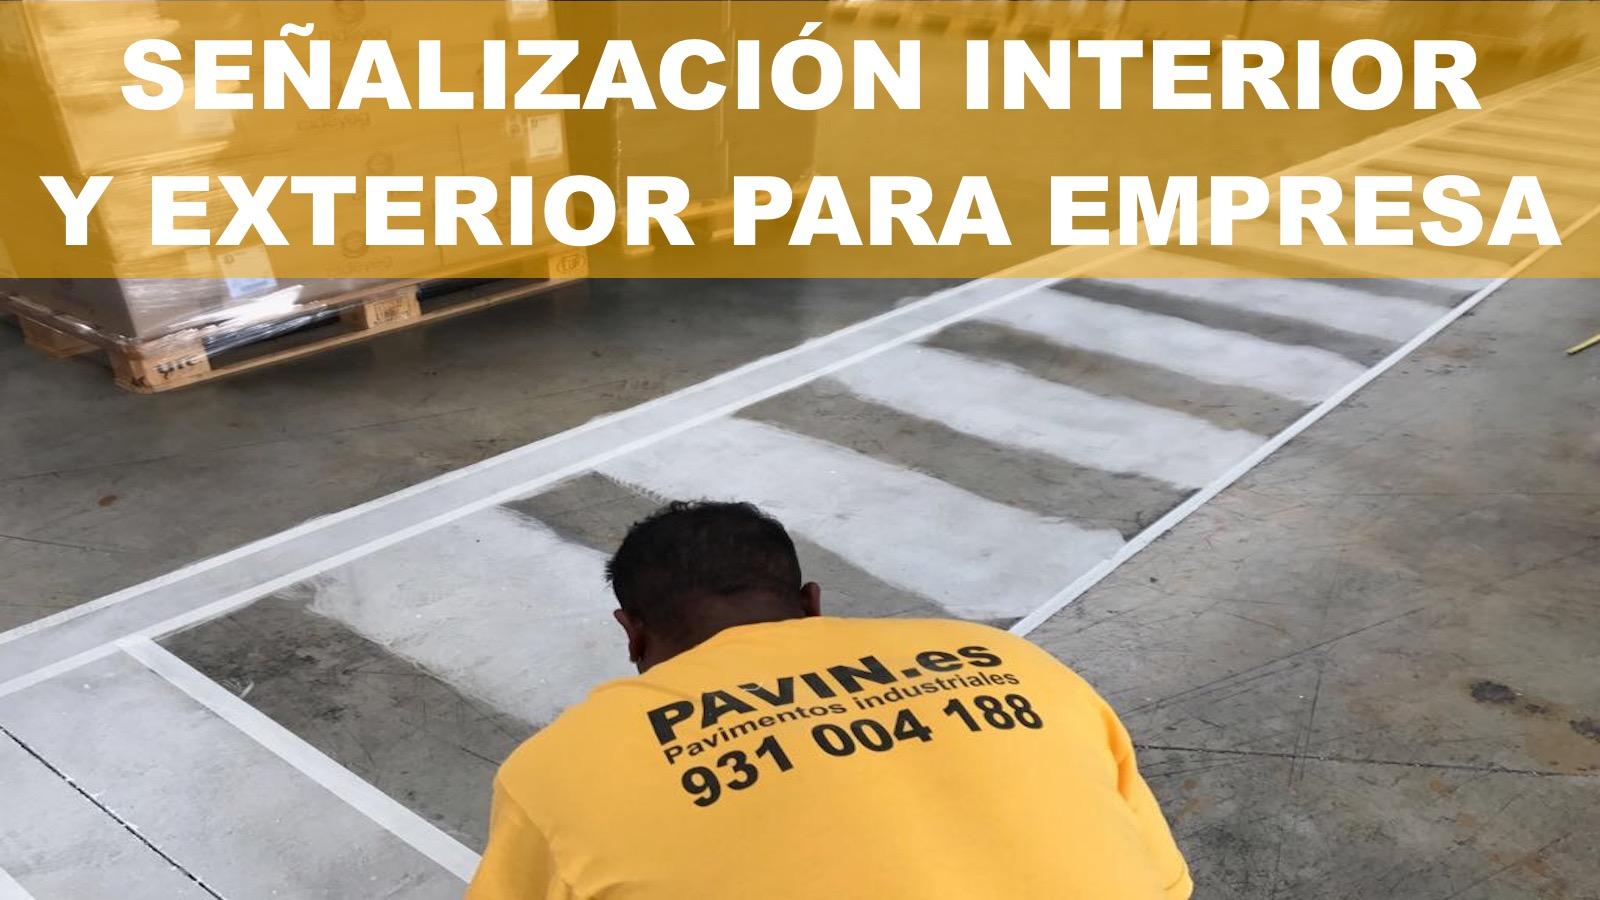 Señalización interior y exterior para la empresa